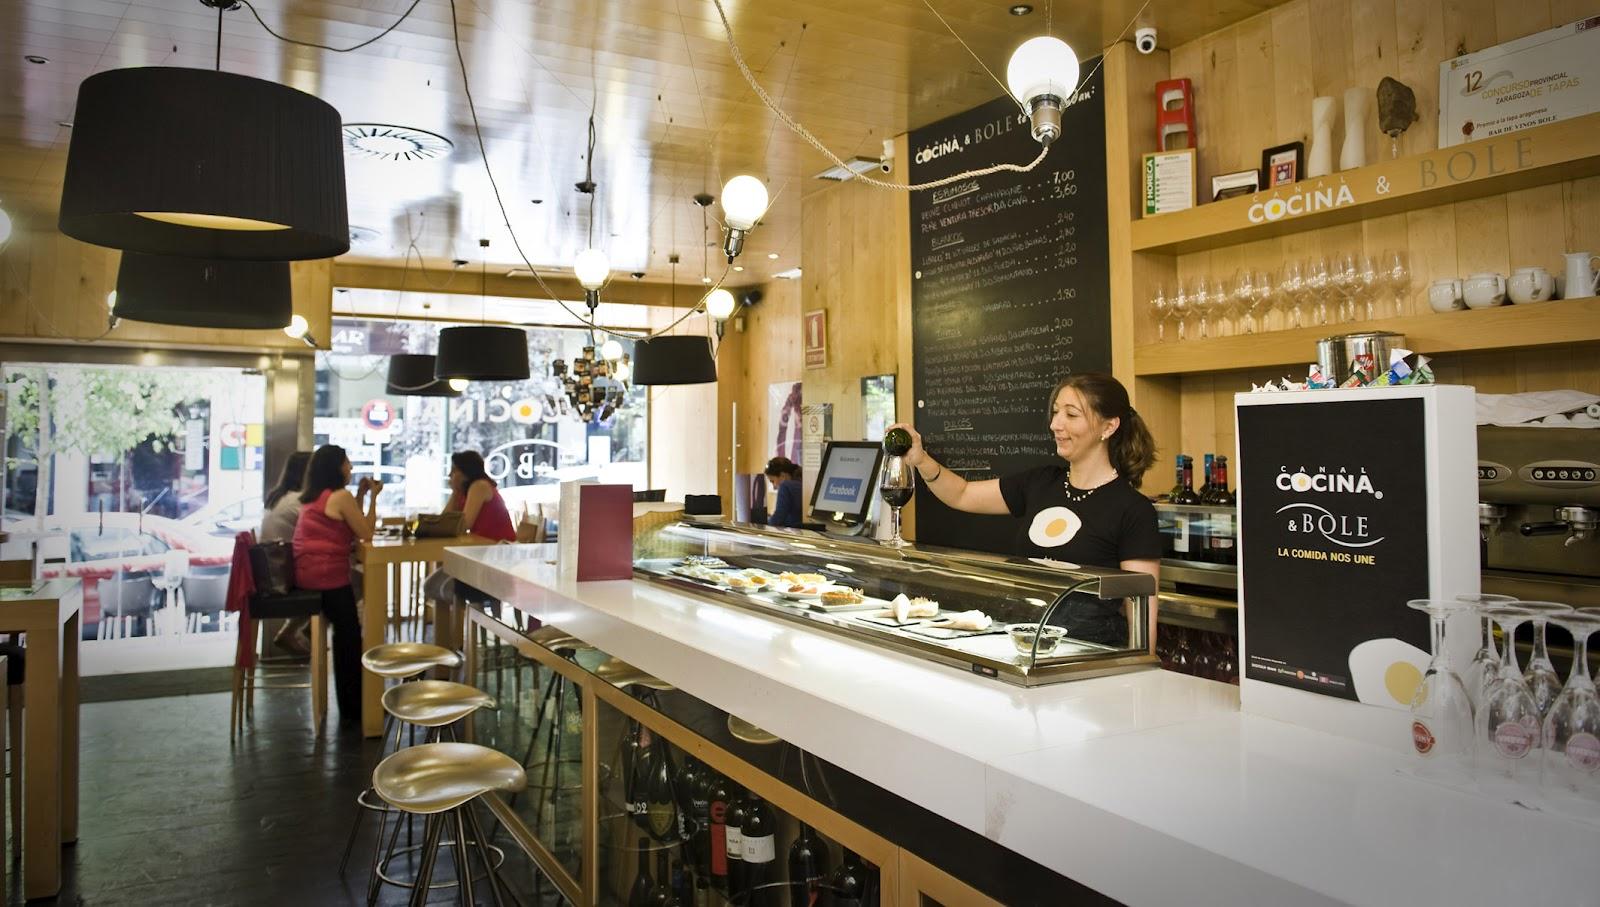 La cocina plural restaurante bole el restaurante de - Temario fp cocina y gastronomia ...